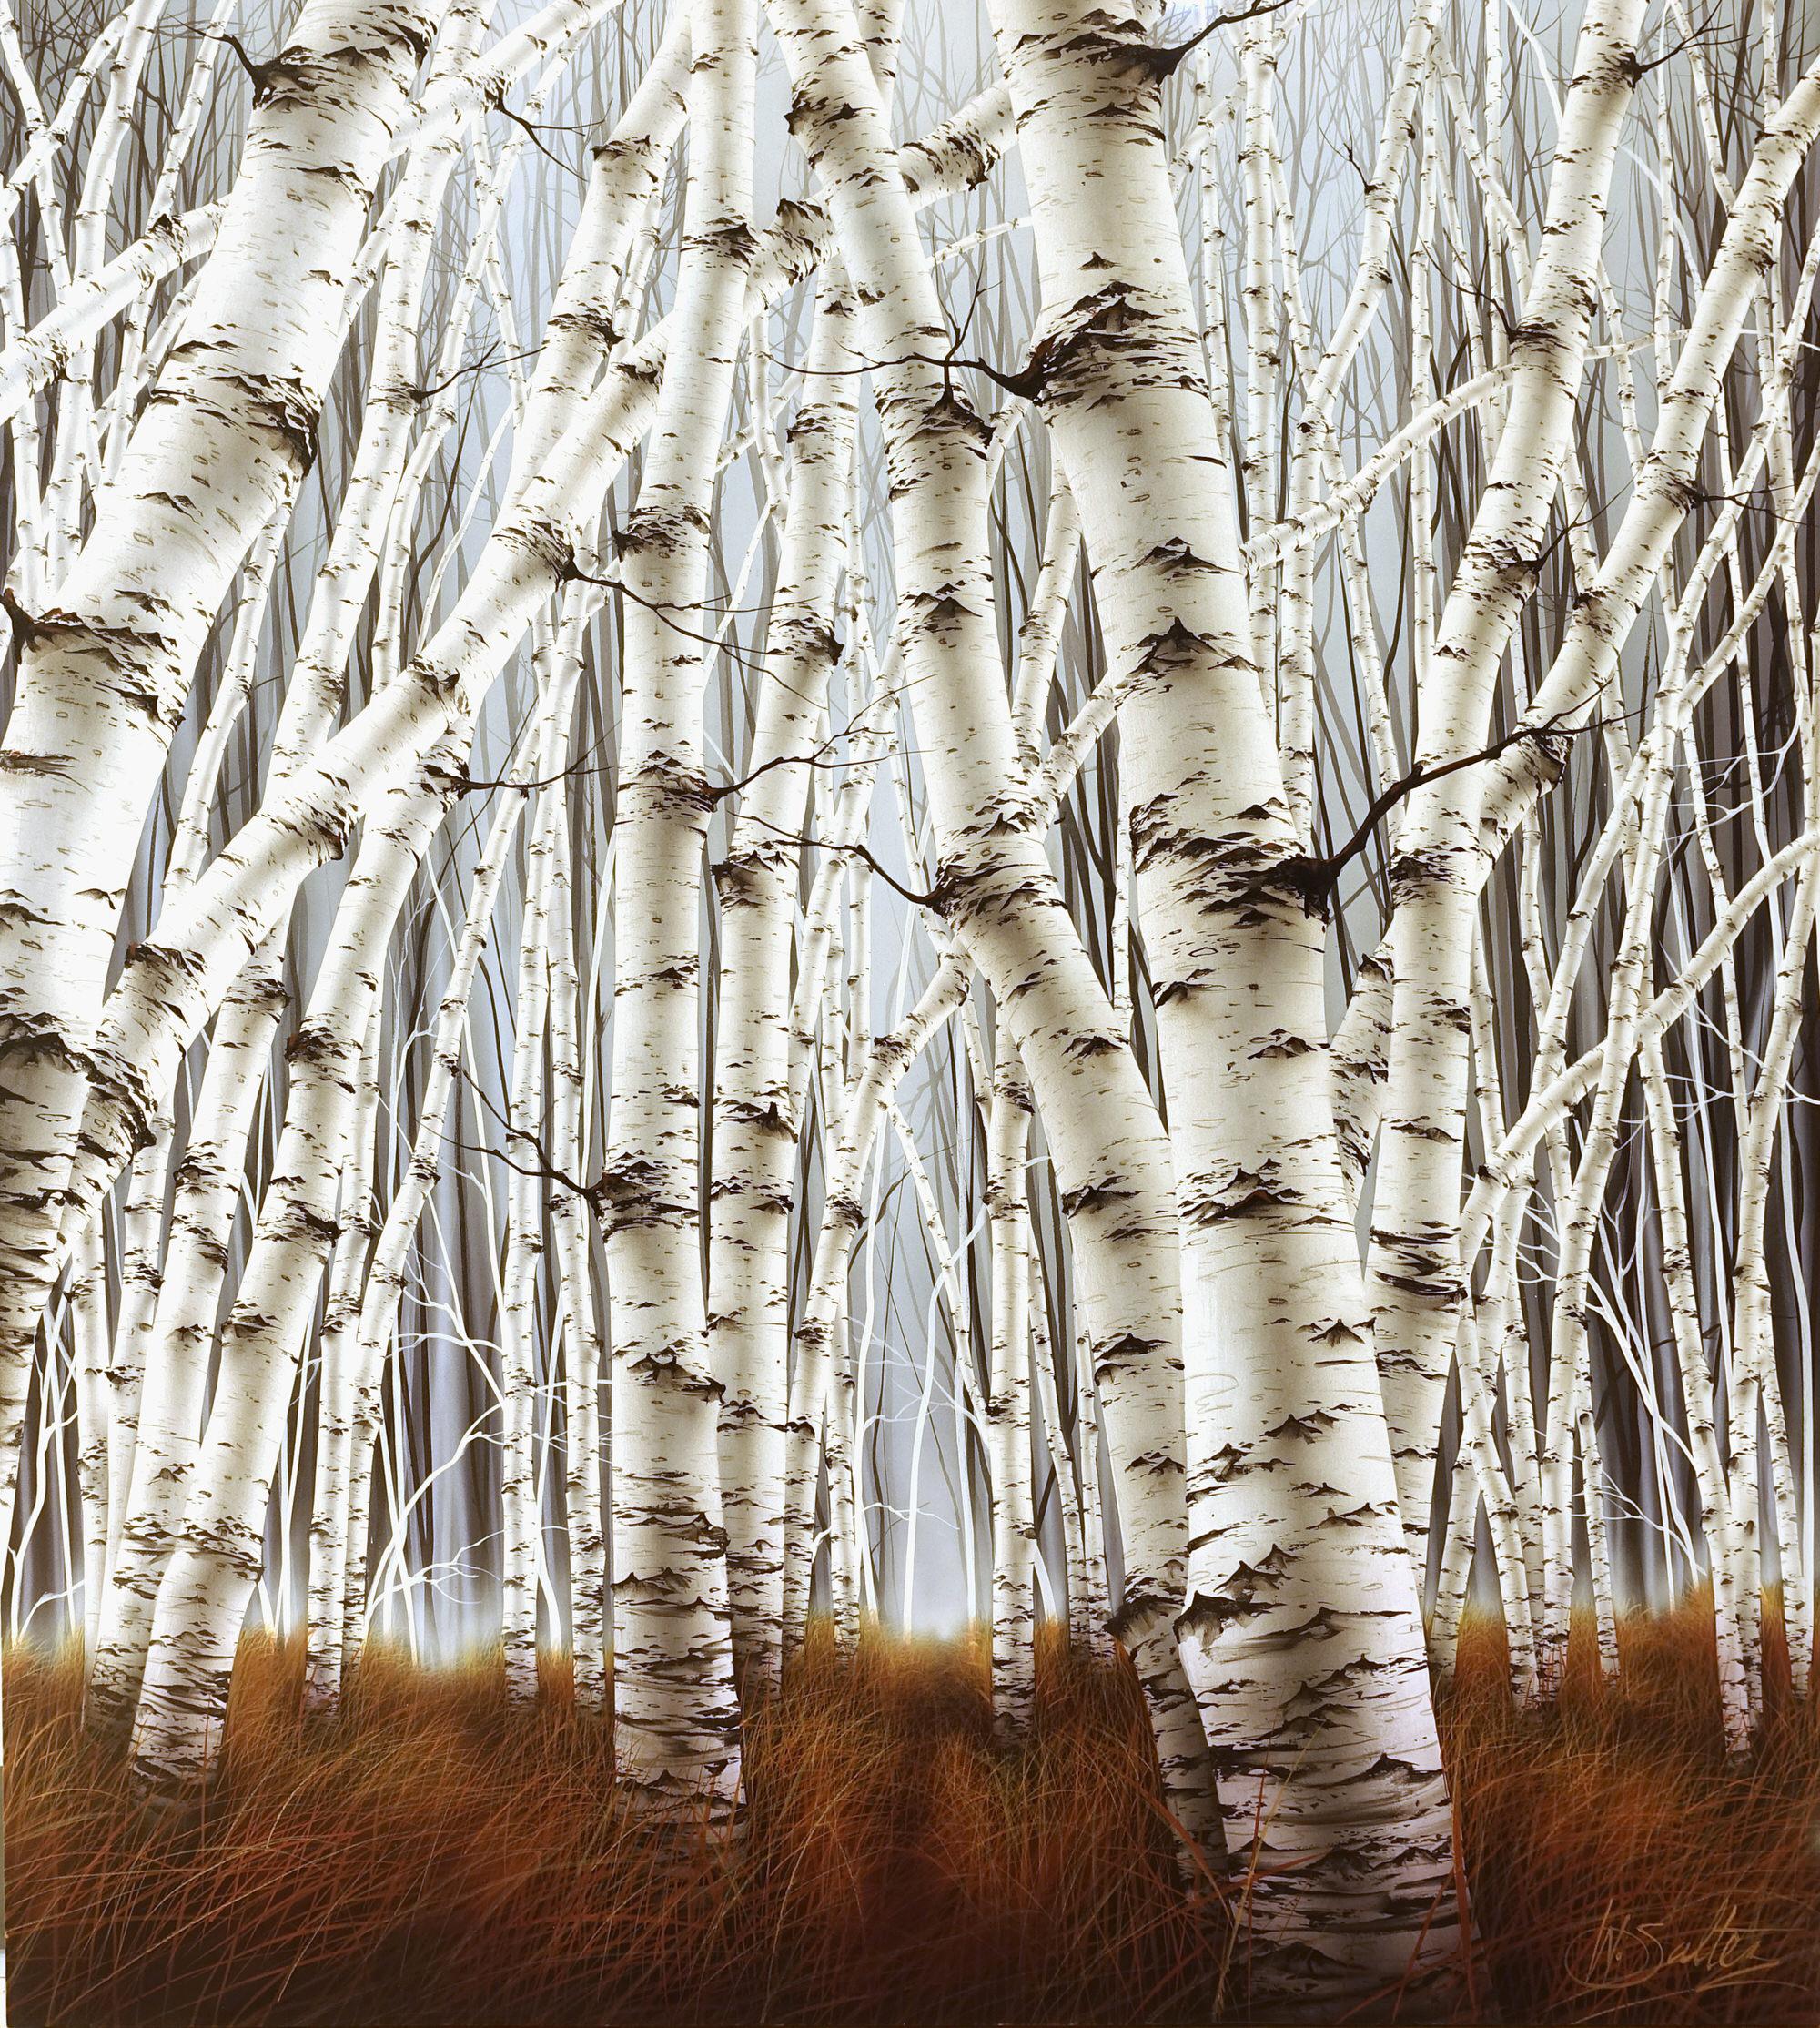 Warren Salter Beyond the Veil 170 x 150 cm